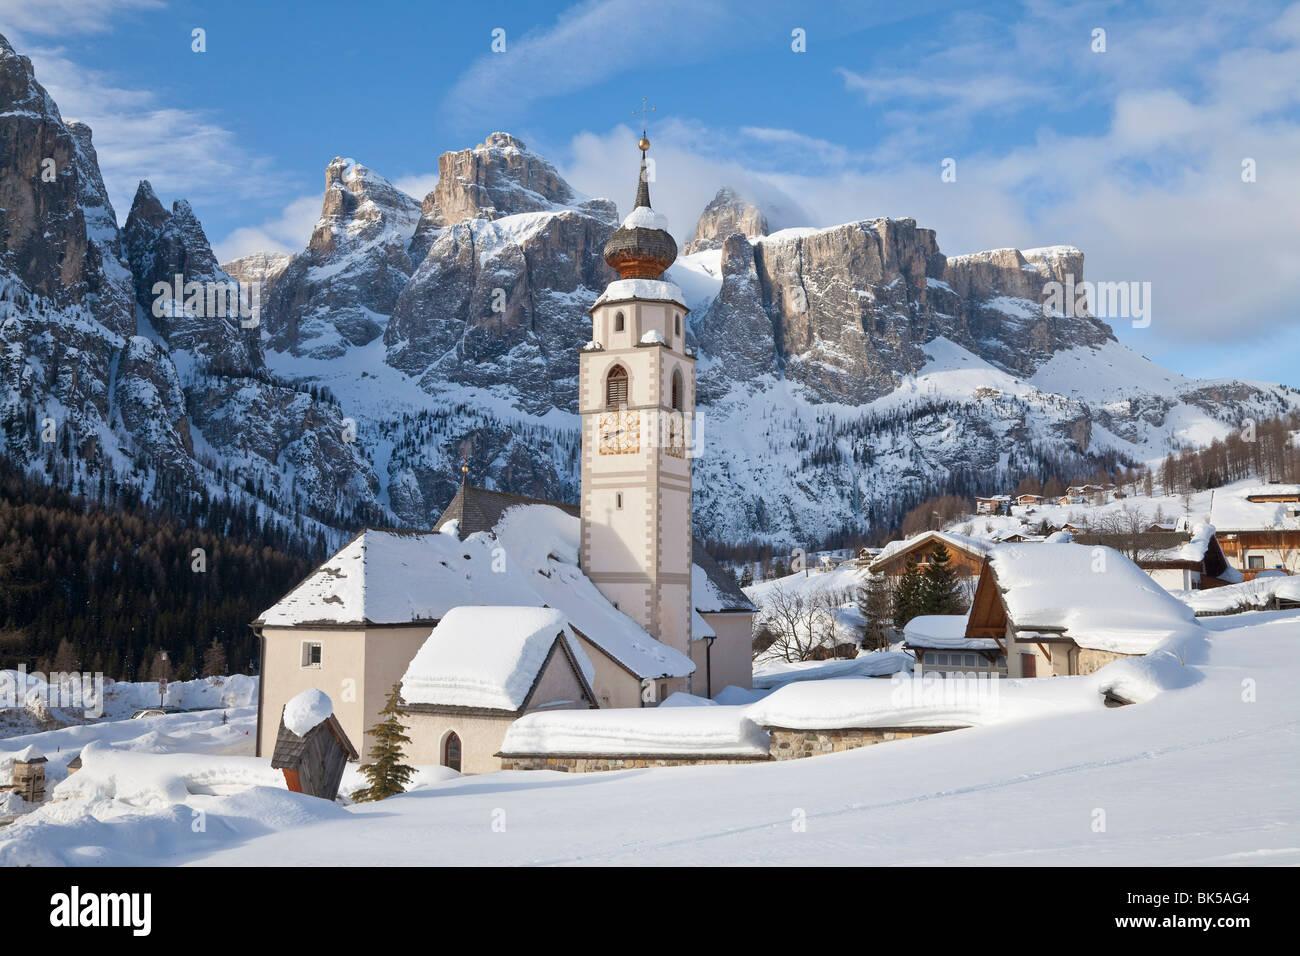 Die Kirche und das Dorf von Colfosco in Badia Sella Massivs an Berge, Südtirol, Trentino-Alto Adige, Italien Stockbild